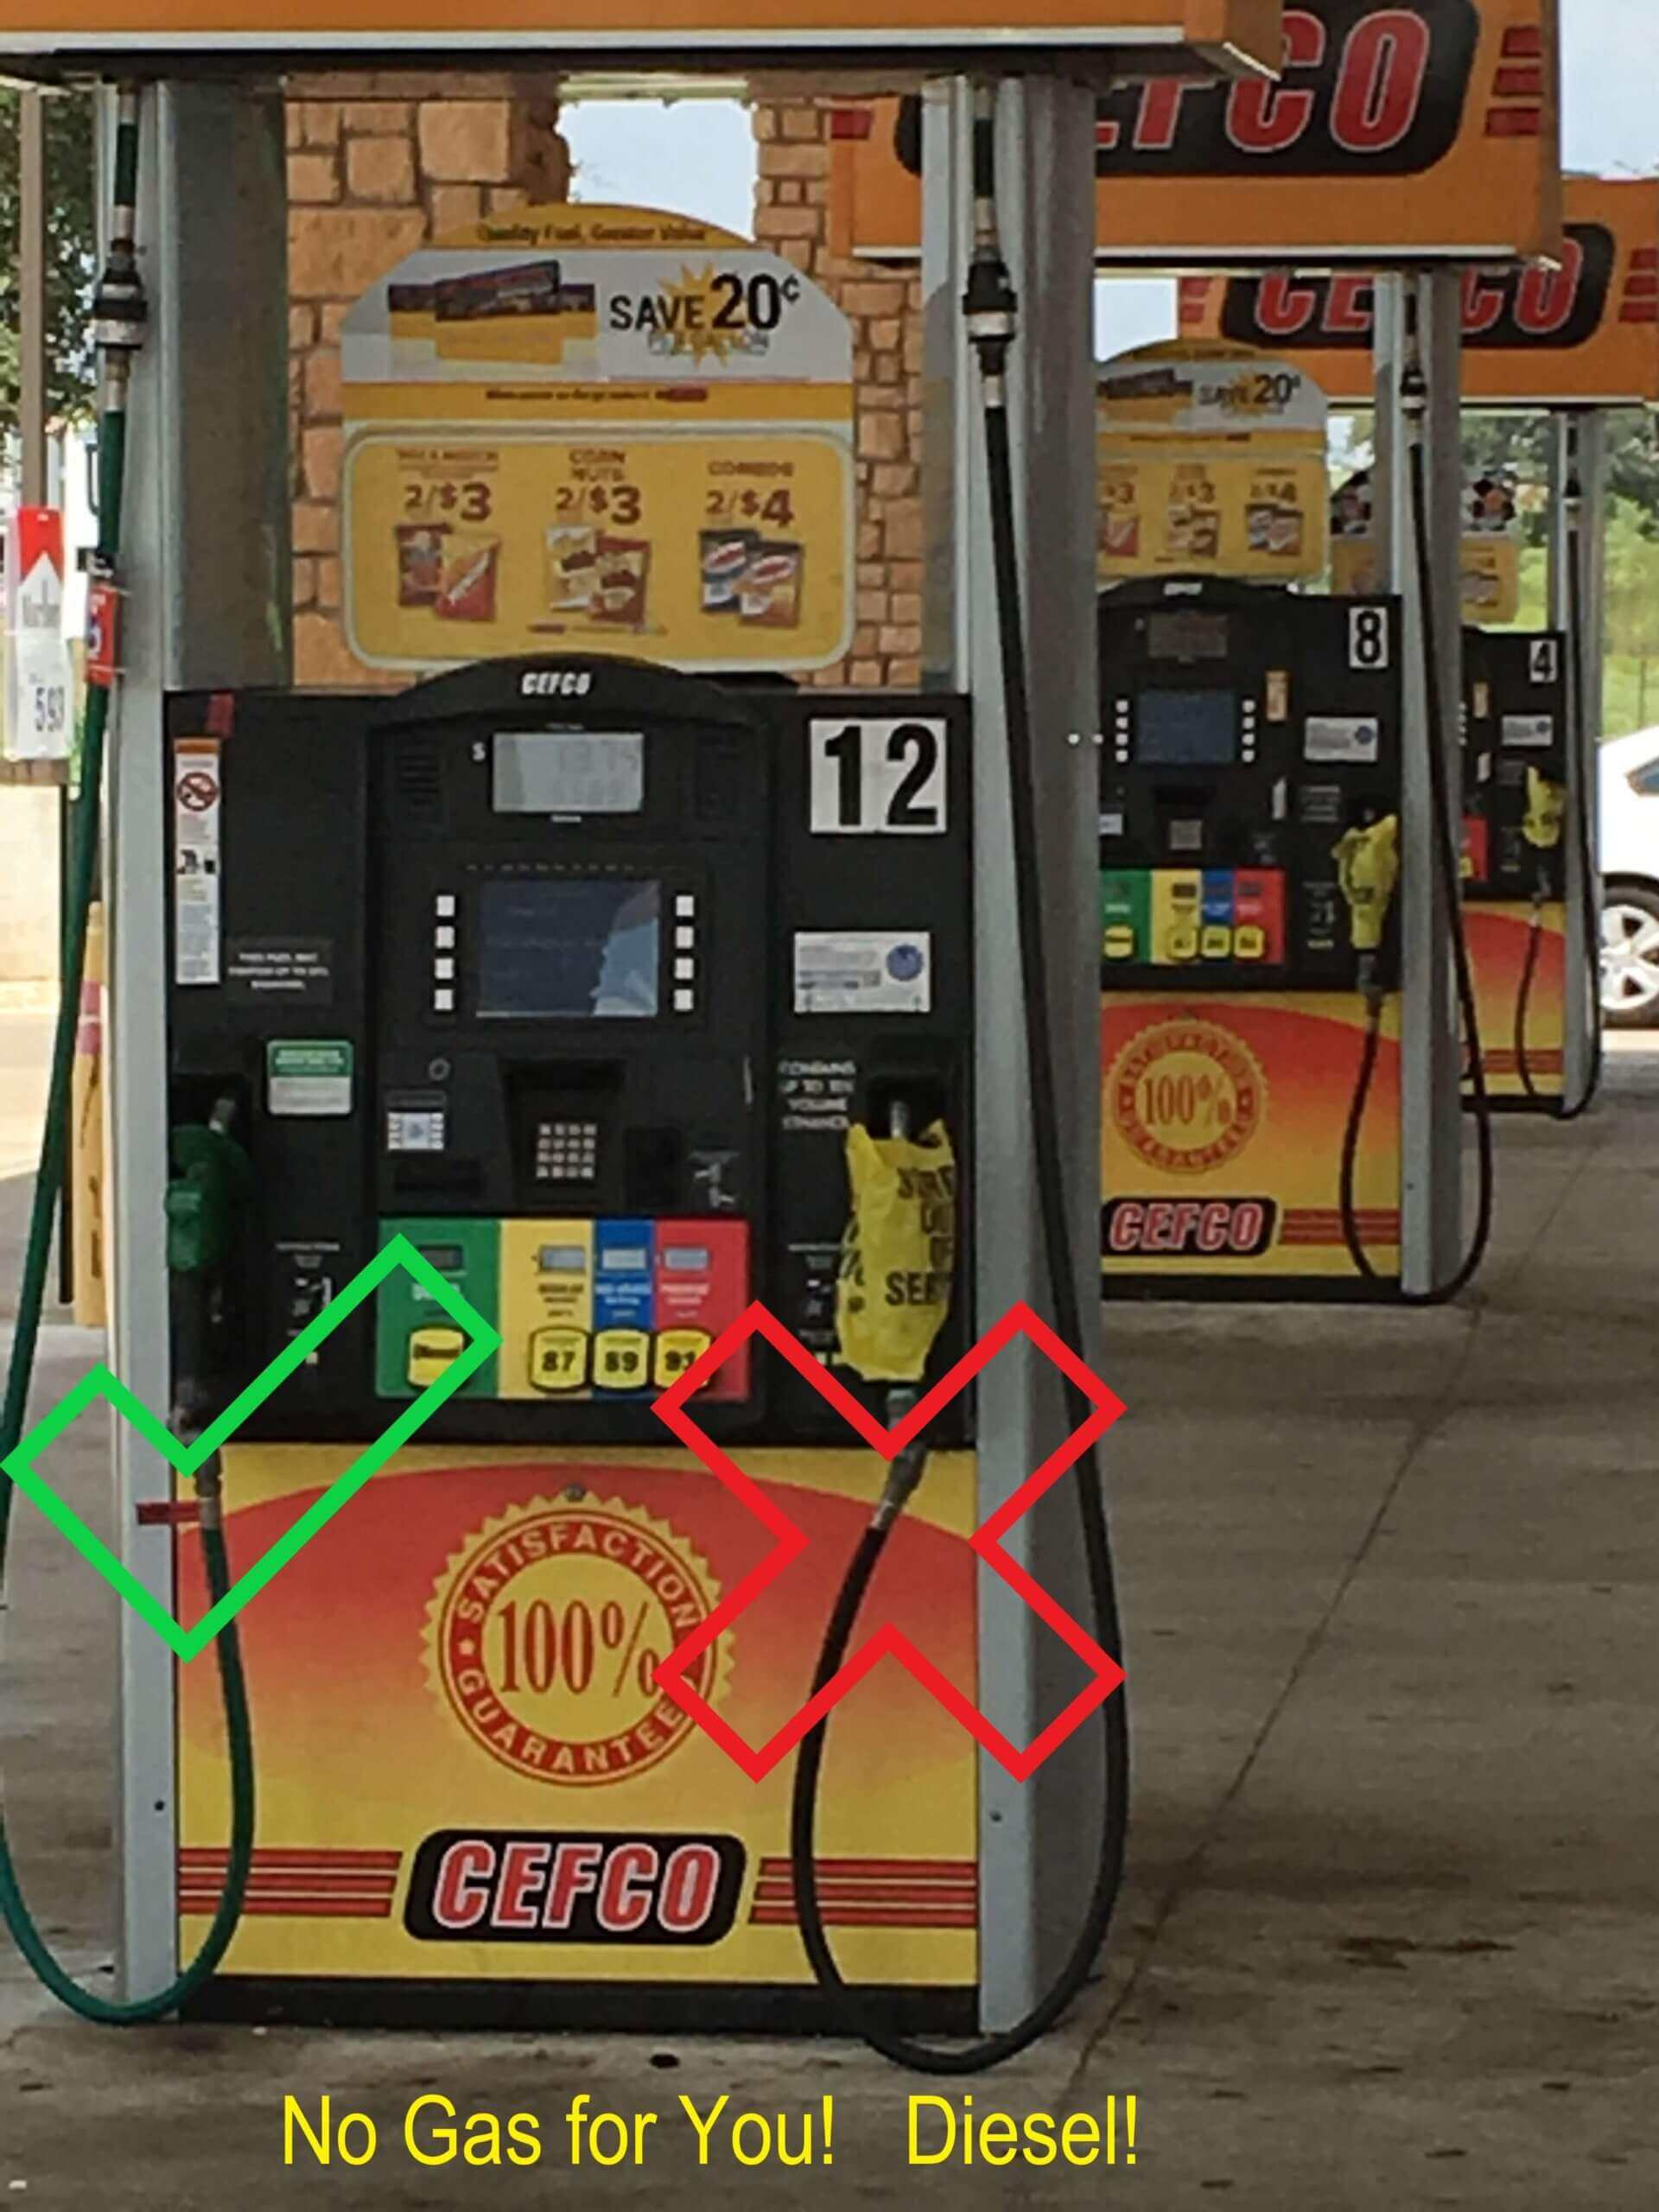 Photo of fuel pump empty of no-lead gasoline.